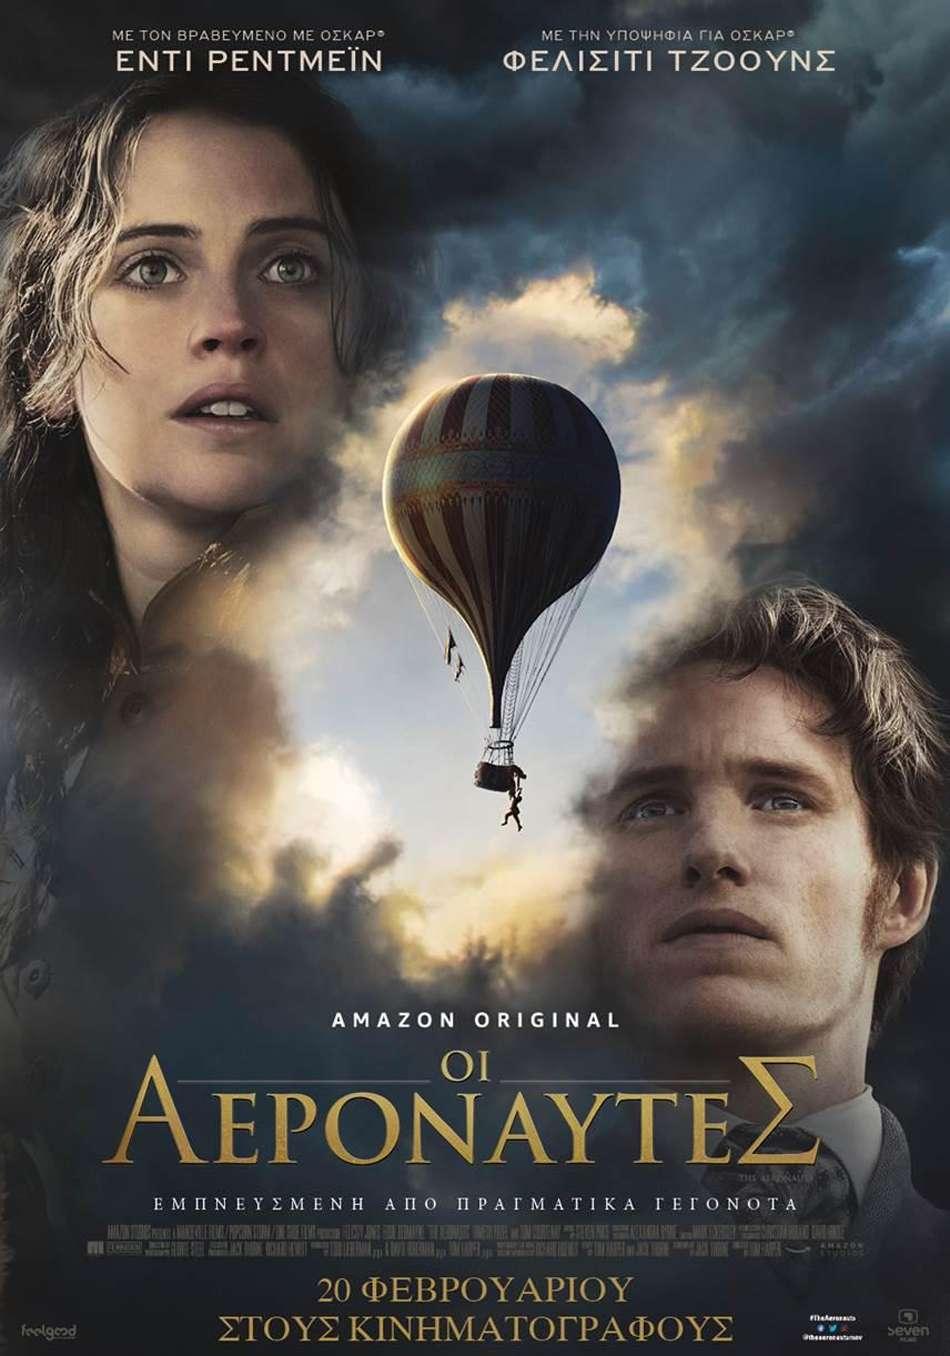 Οι Αεροναύτες (The Aeronauts) Poster